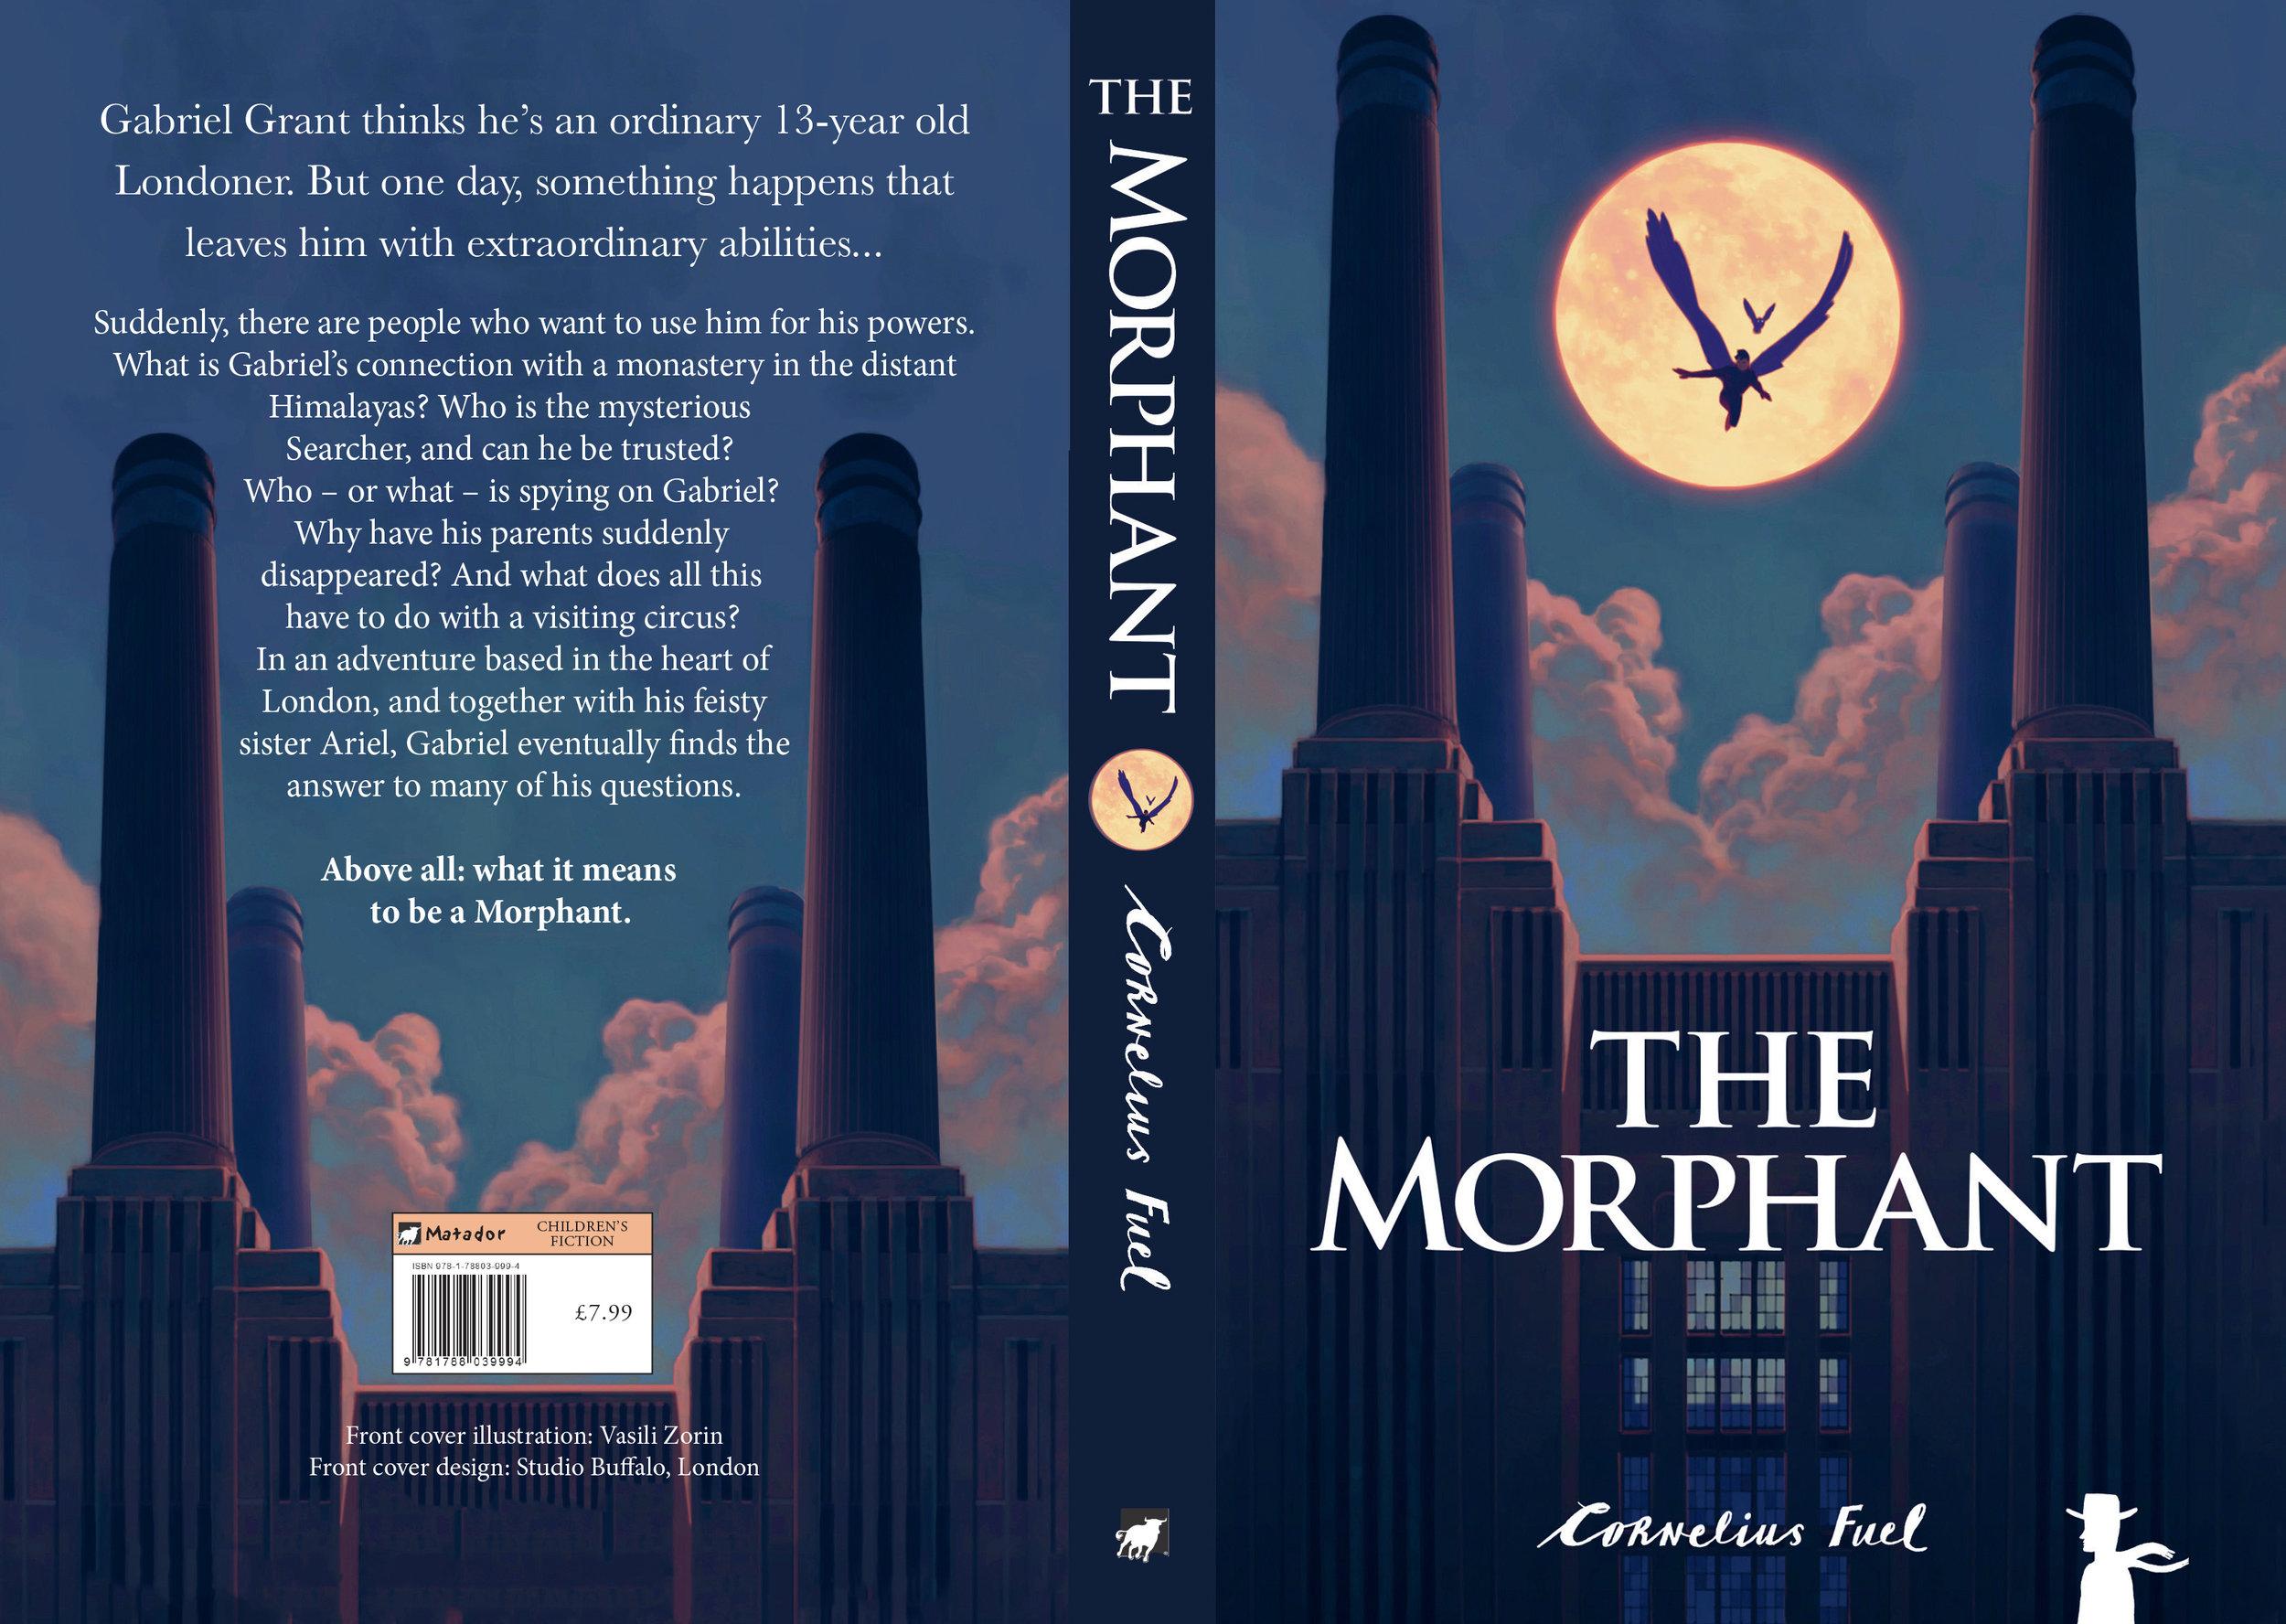 Morphant paperback full cover.jpg